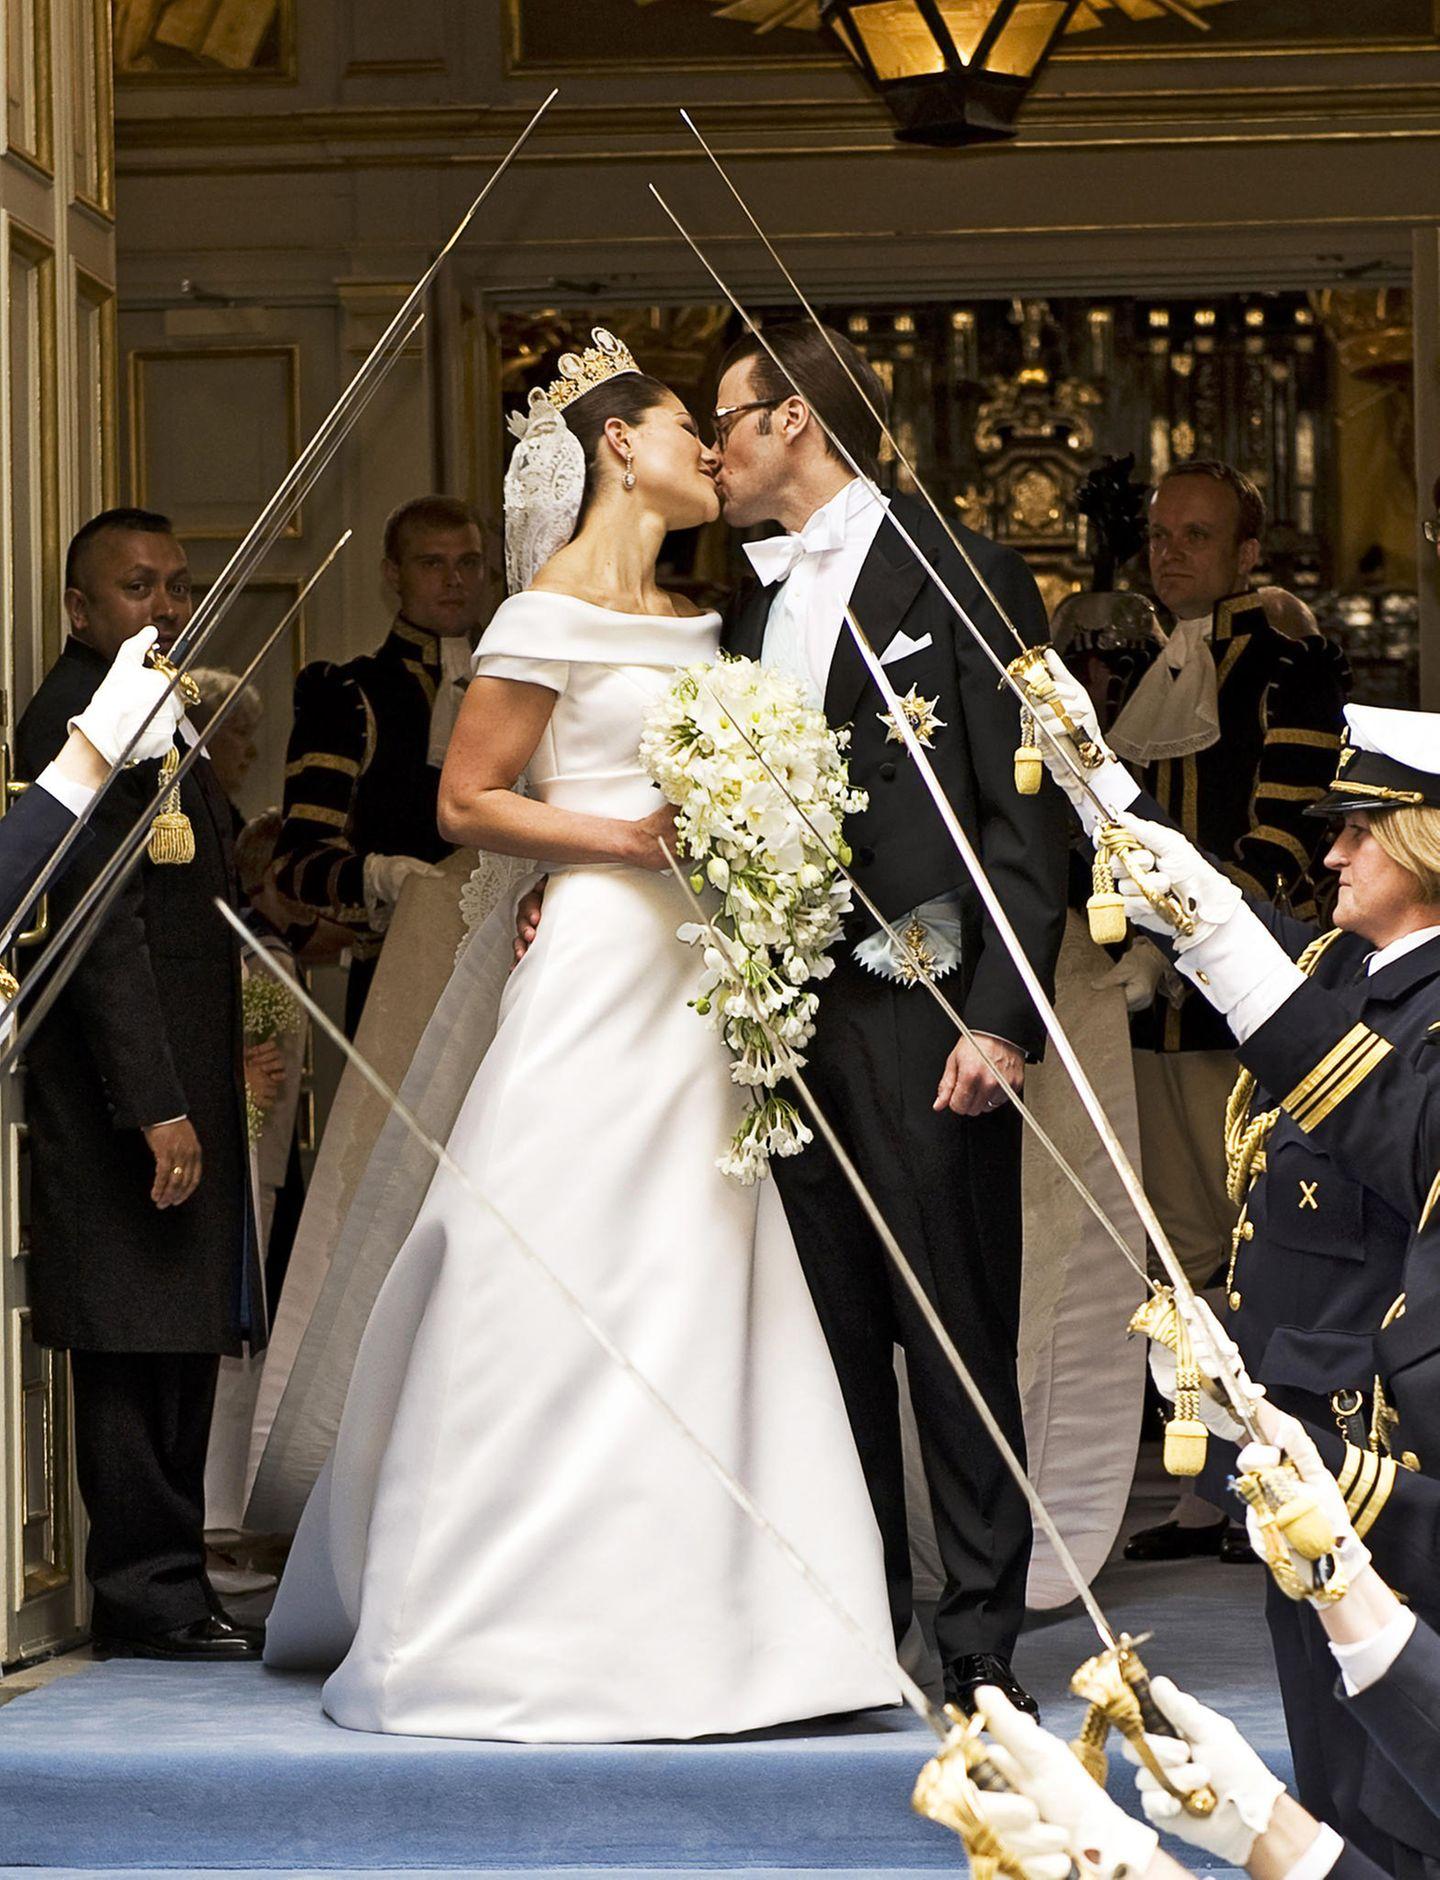 Ihren Küssen ist anzusehen, wie glücklich Victoria und Daniel sind. Ihr langer Weg bis vor den Altar war nicht unbedingt einfach gewesen.